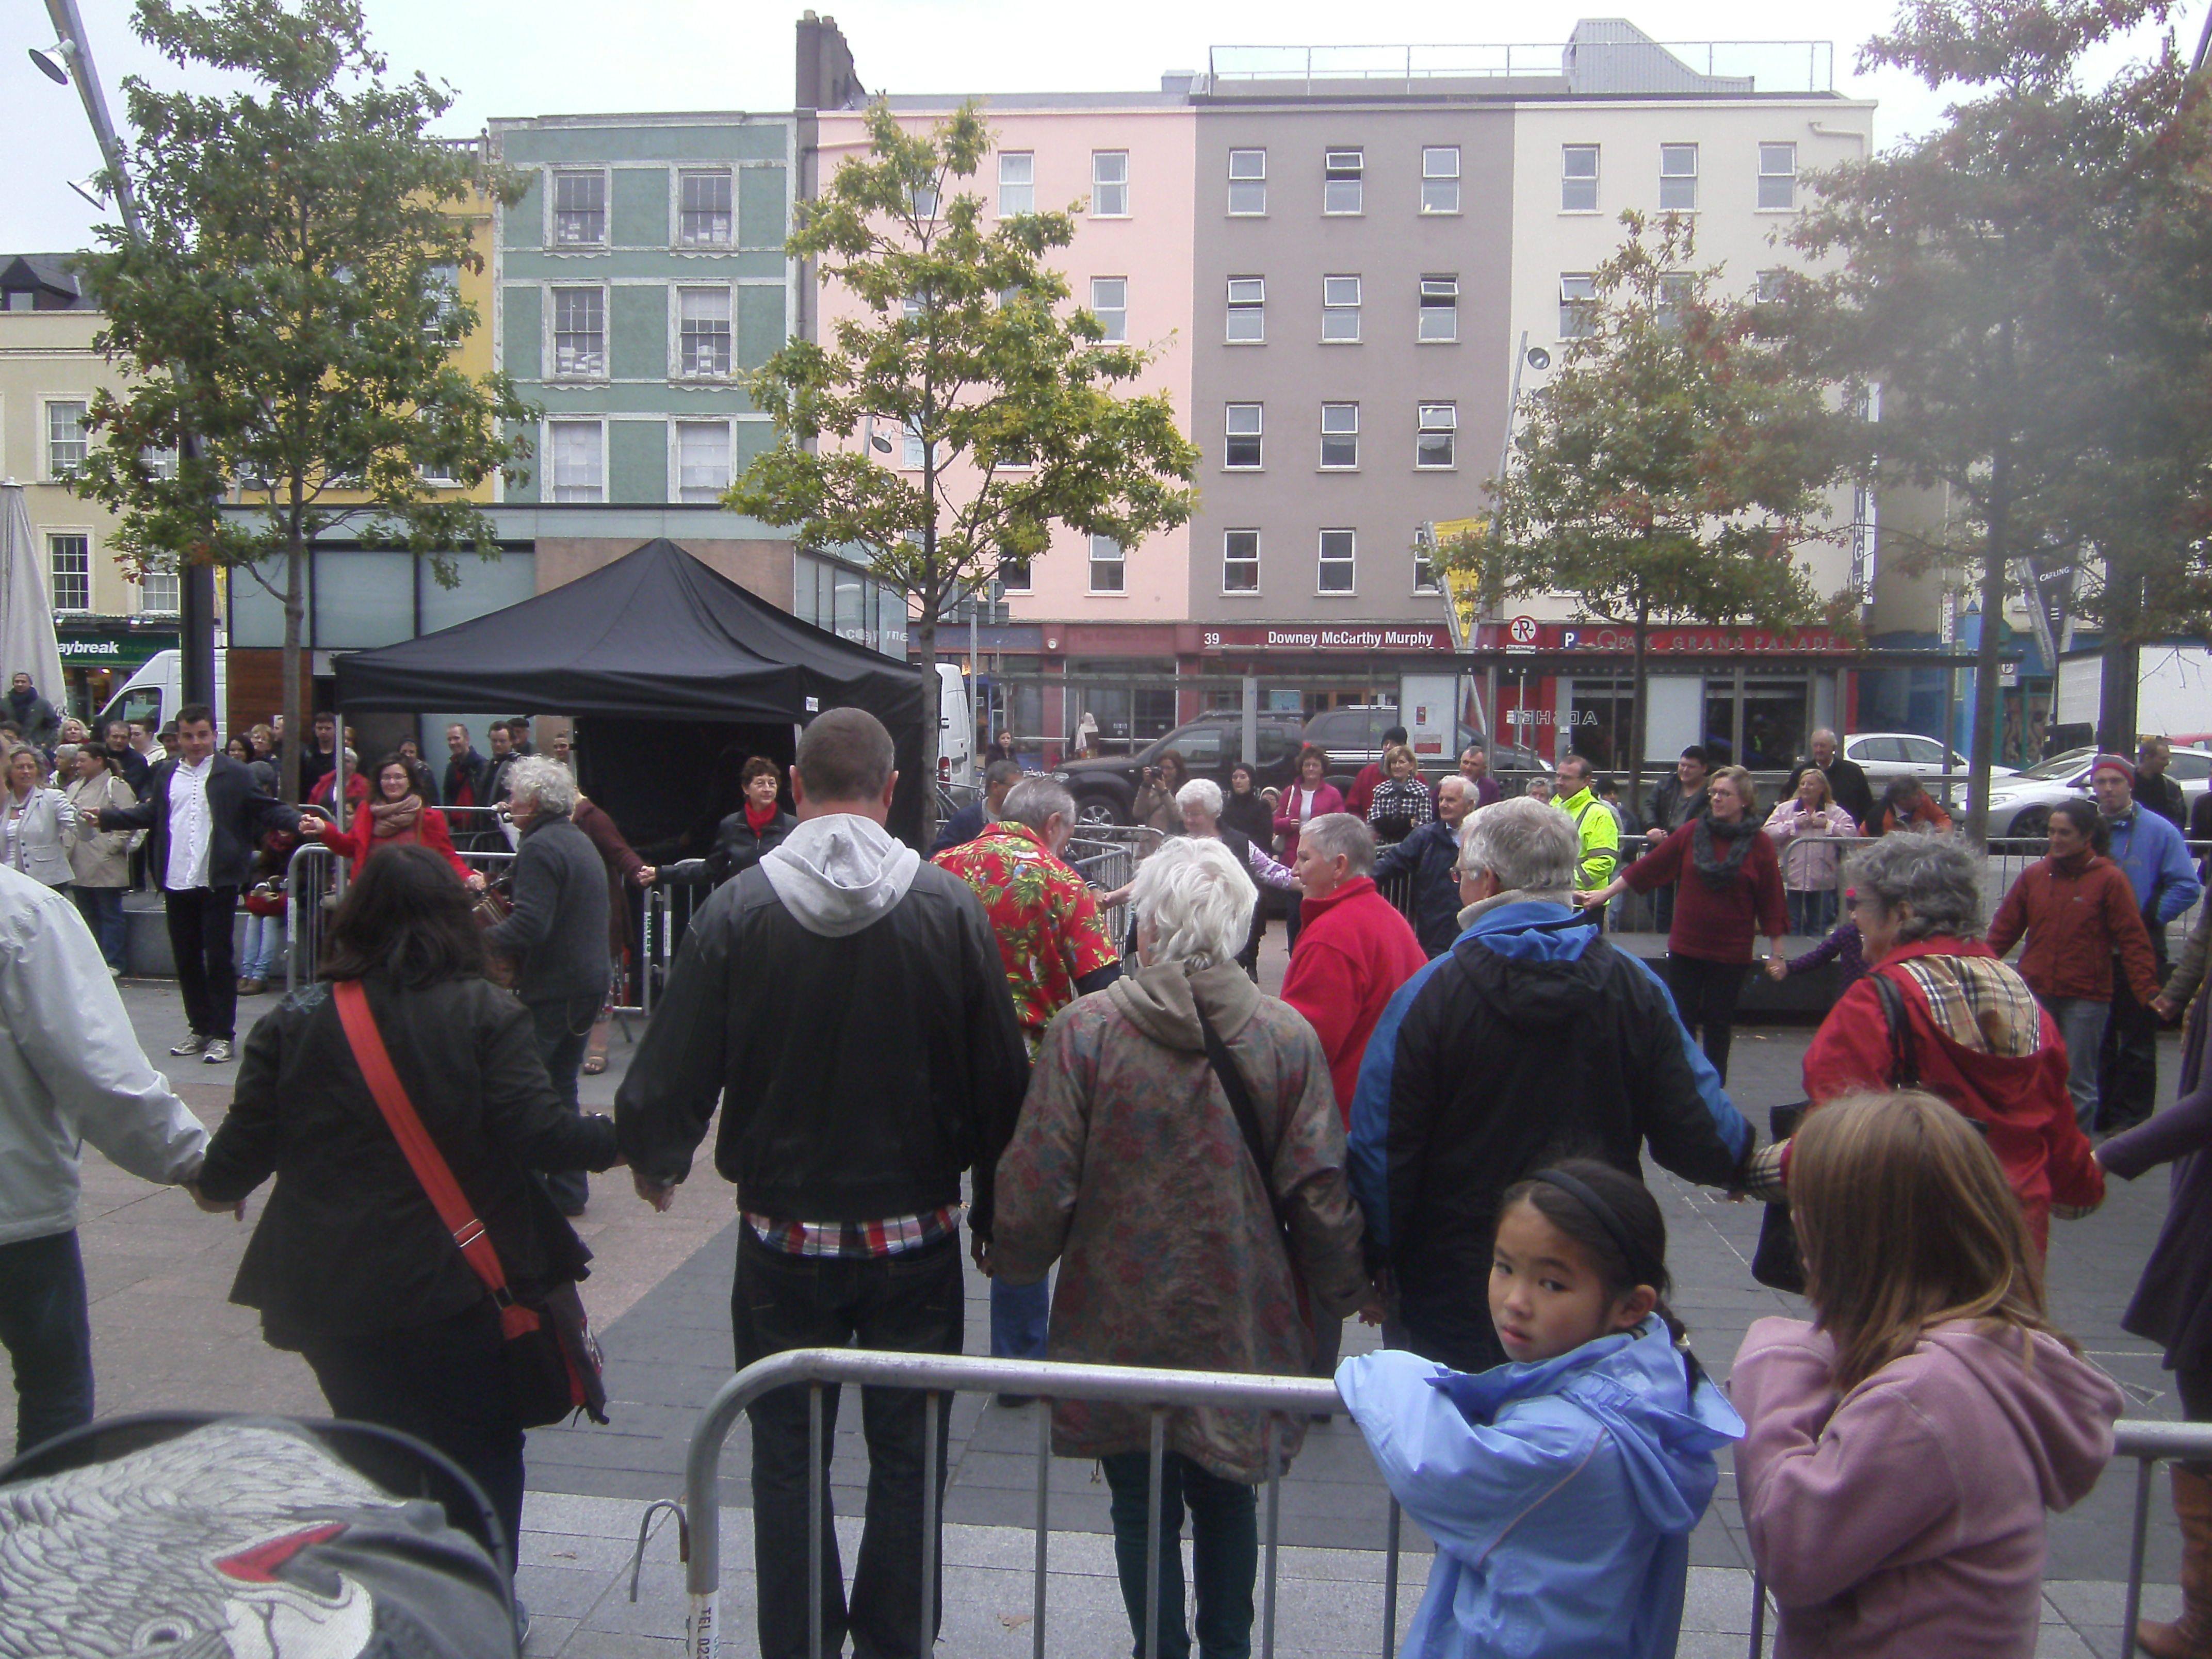 Ceili Mor Cork Music Festival